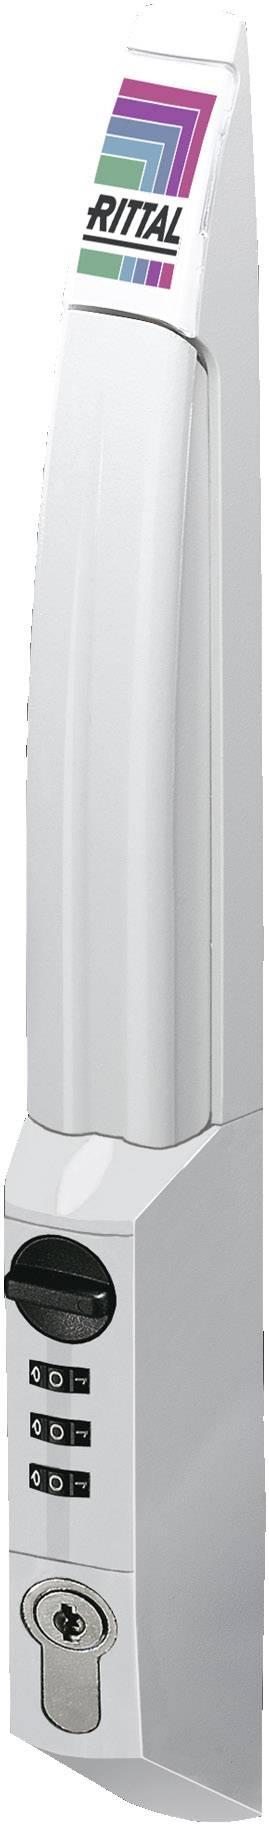 Bezpečnostní rukojeť Rittal DK 7200.800, šedá (RAL 7035), 1 ks